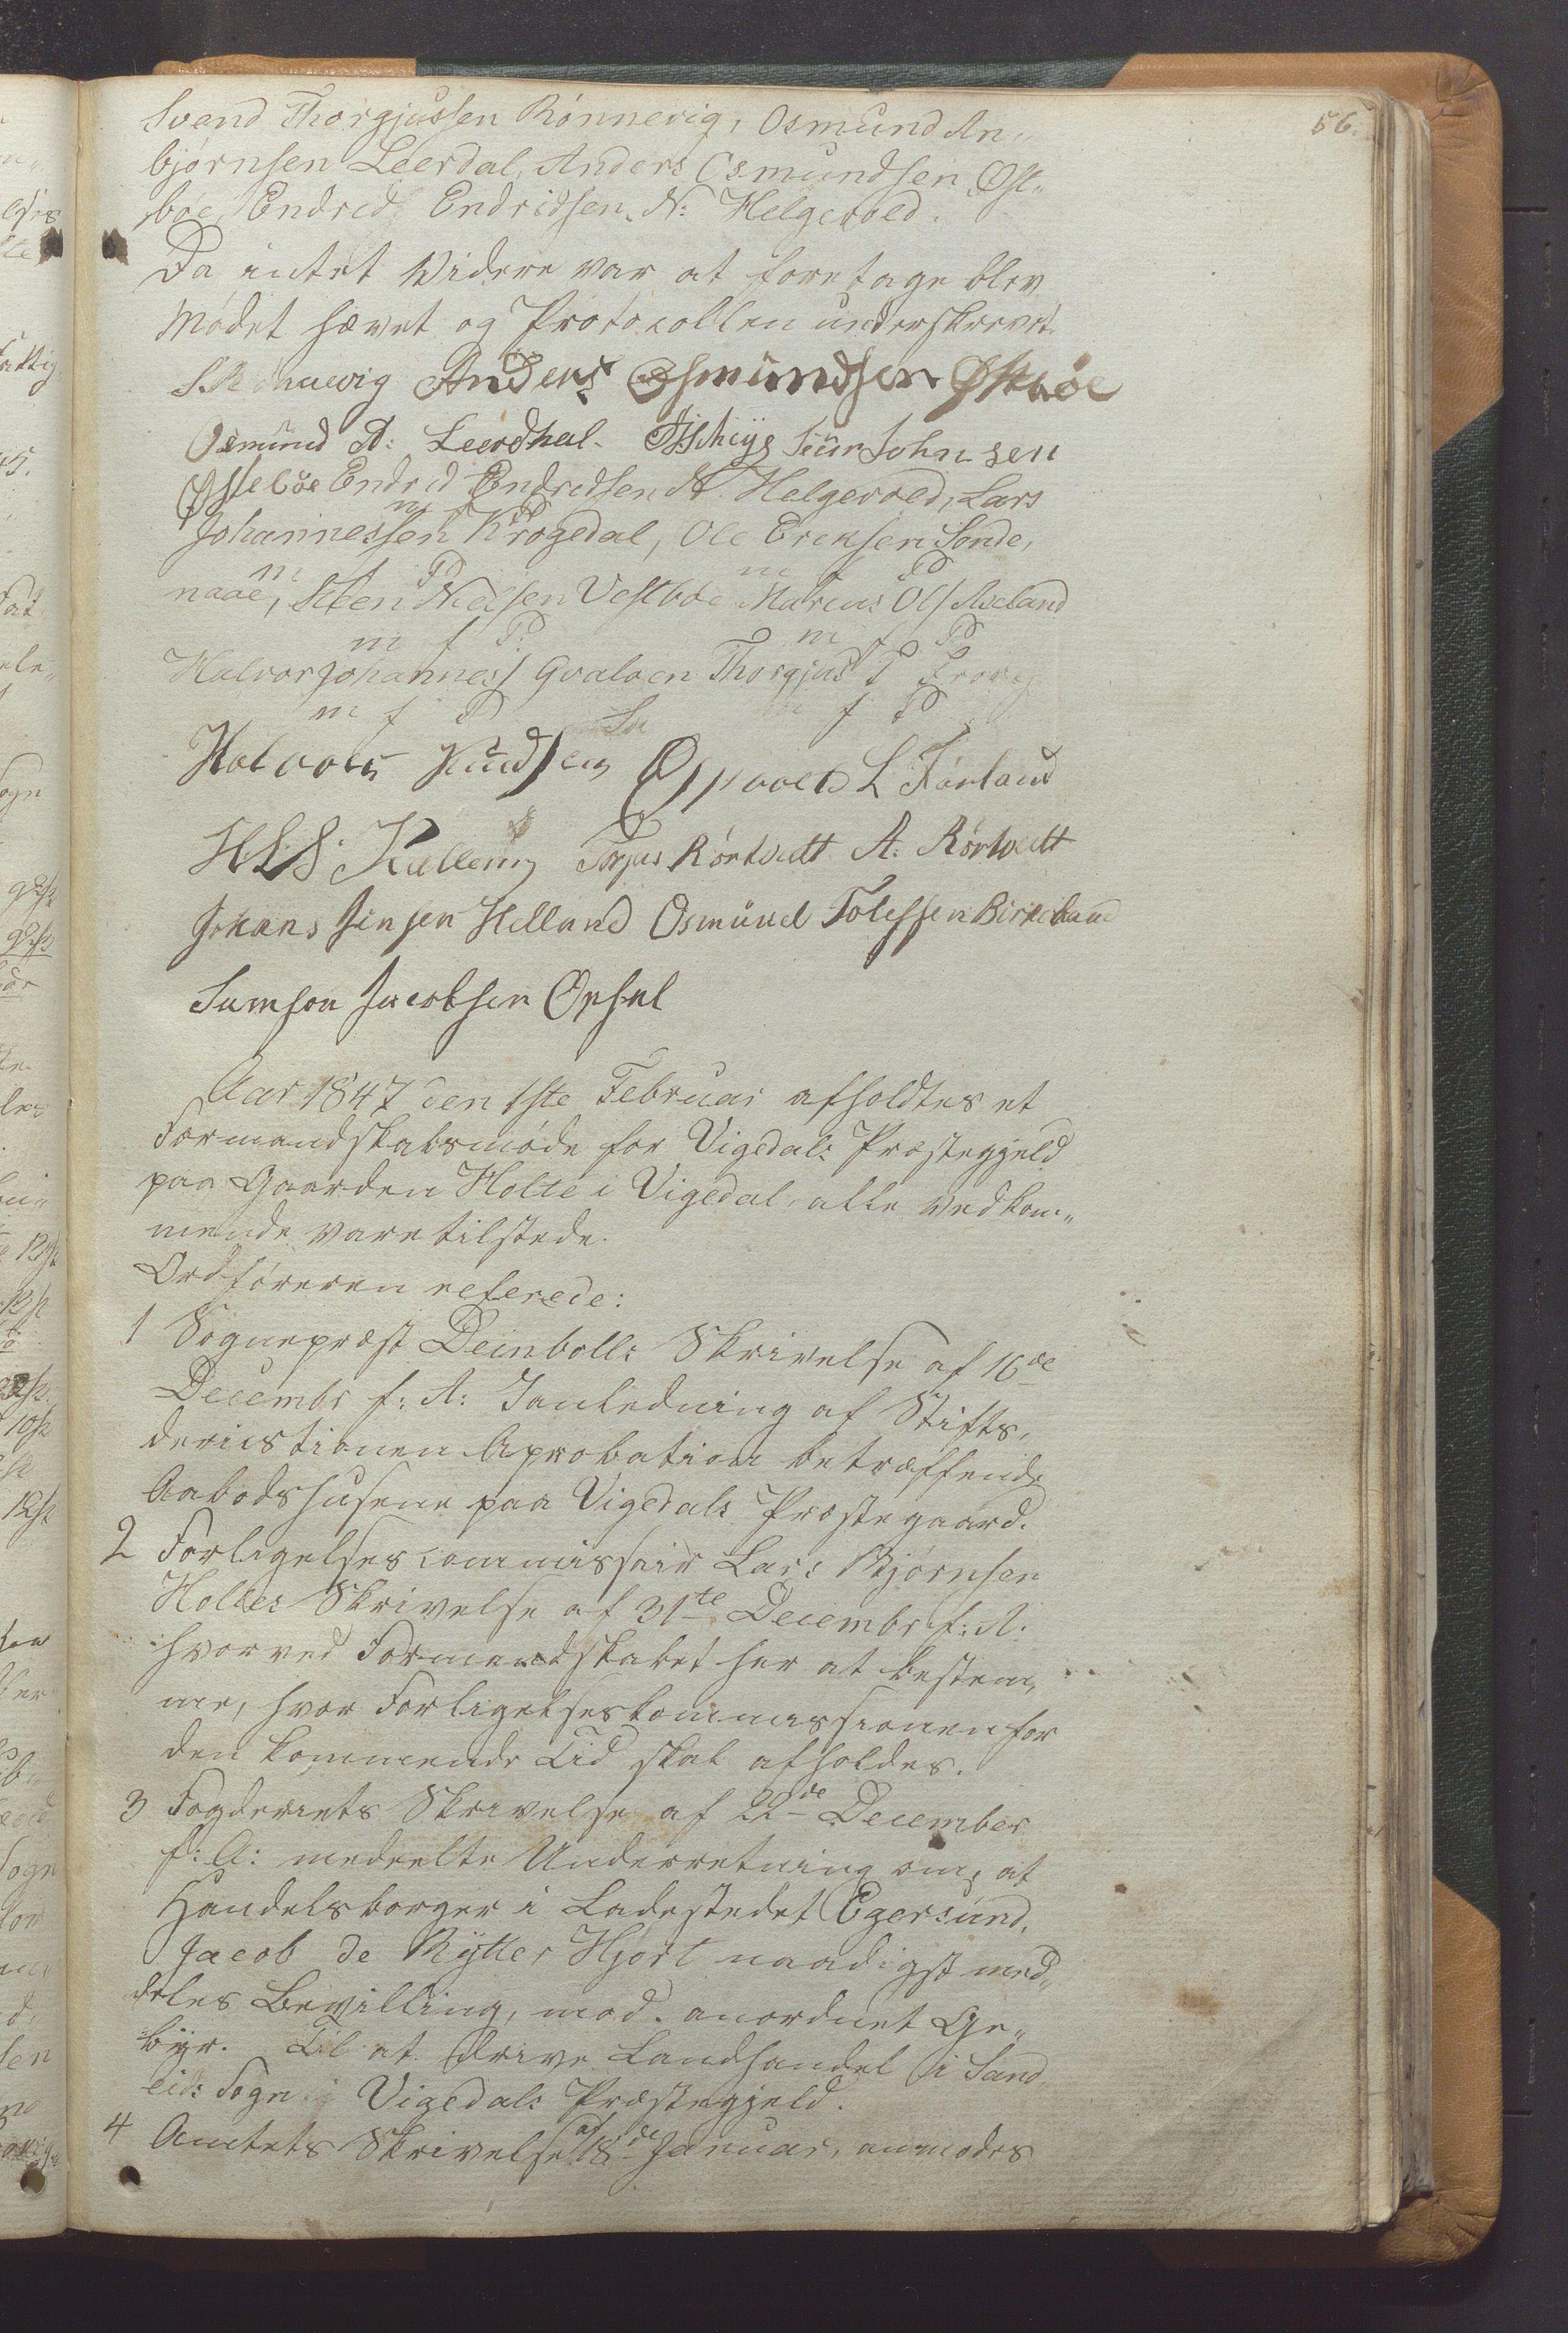 IKAR, Vikedal kommune - Formannskapet, Aaa/L0001: Møtebok, 1837-1874, s. 56a